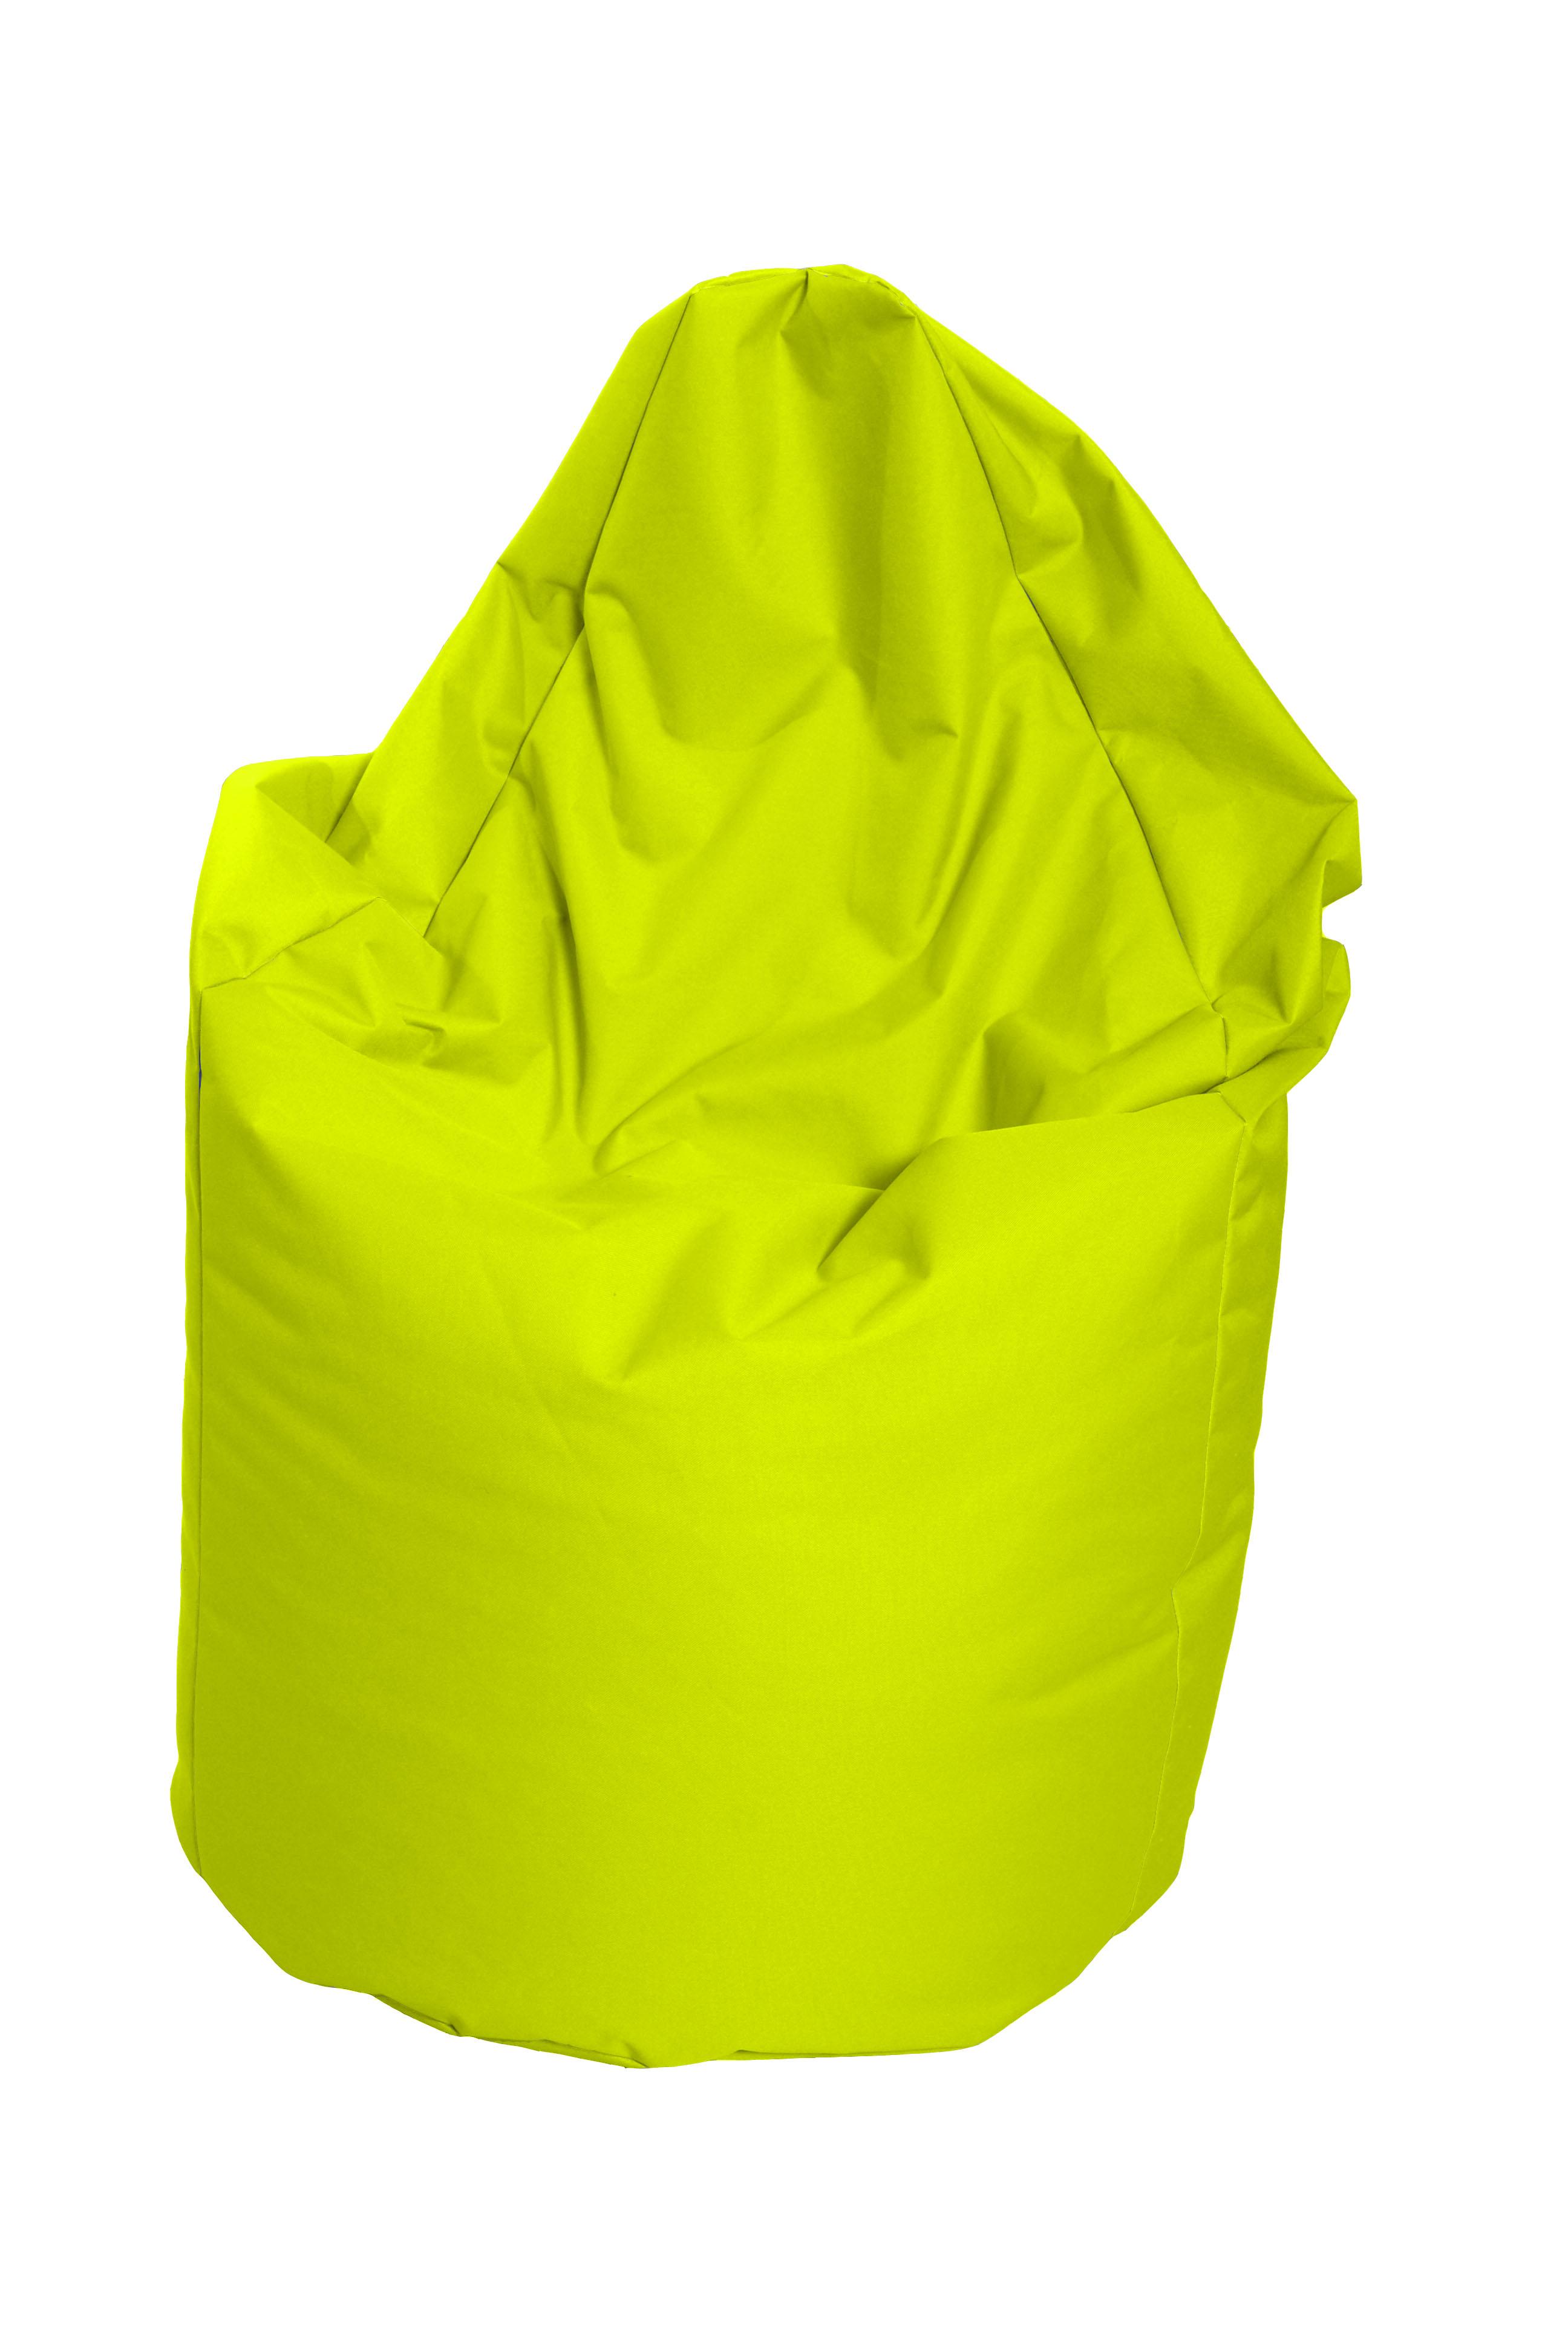 M&M sedací vak hruška Mega s vnitřním obalem 140x80cm neonová (neonová 51346)